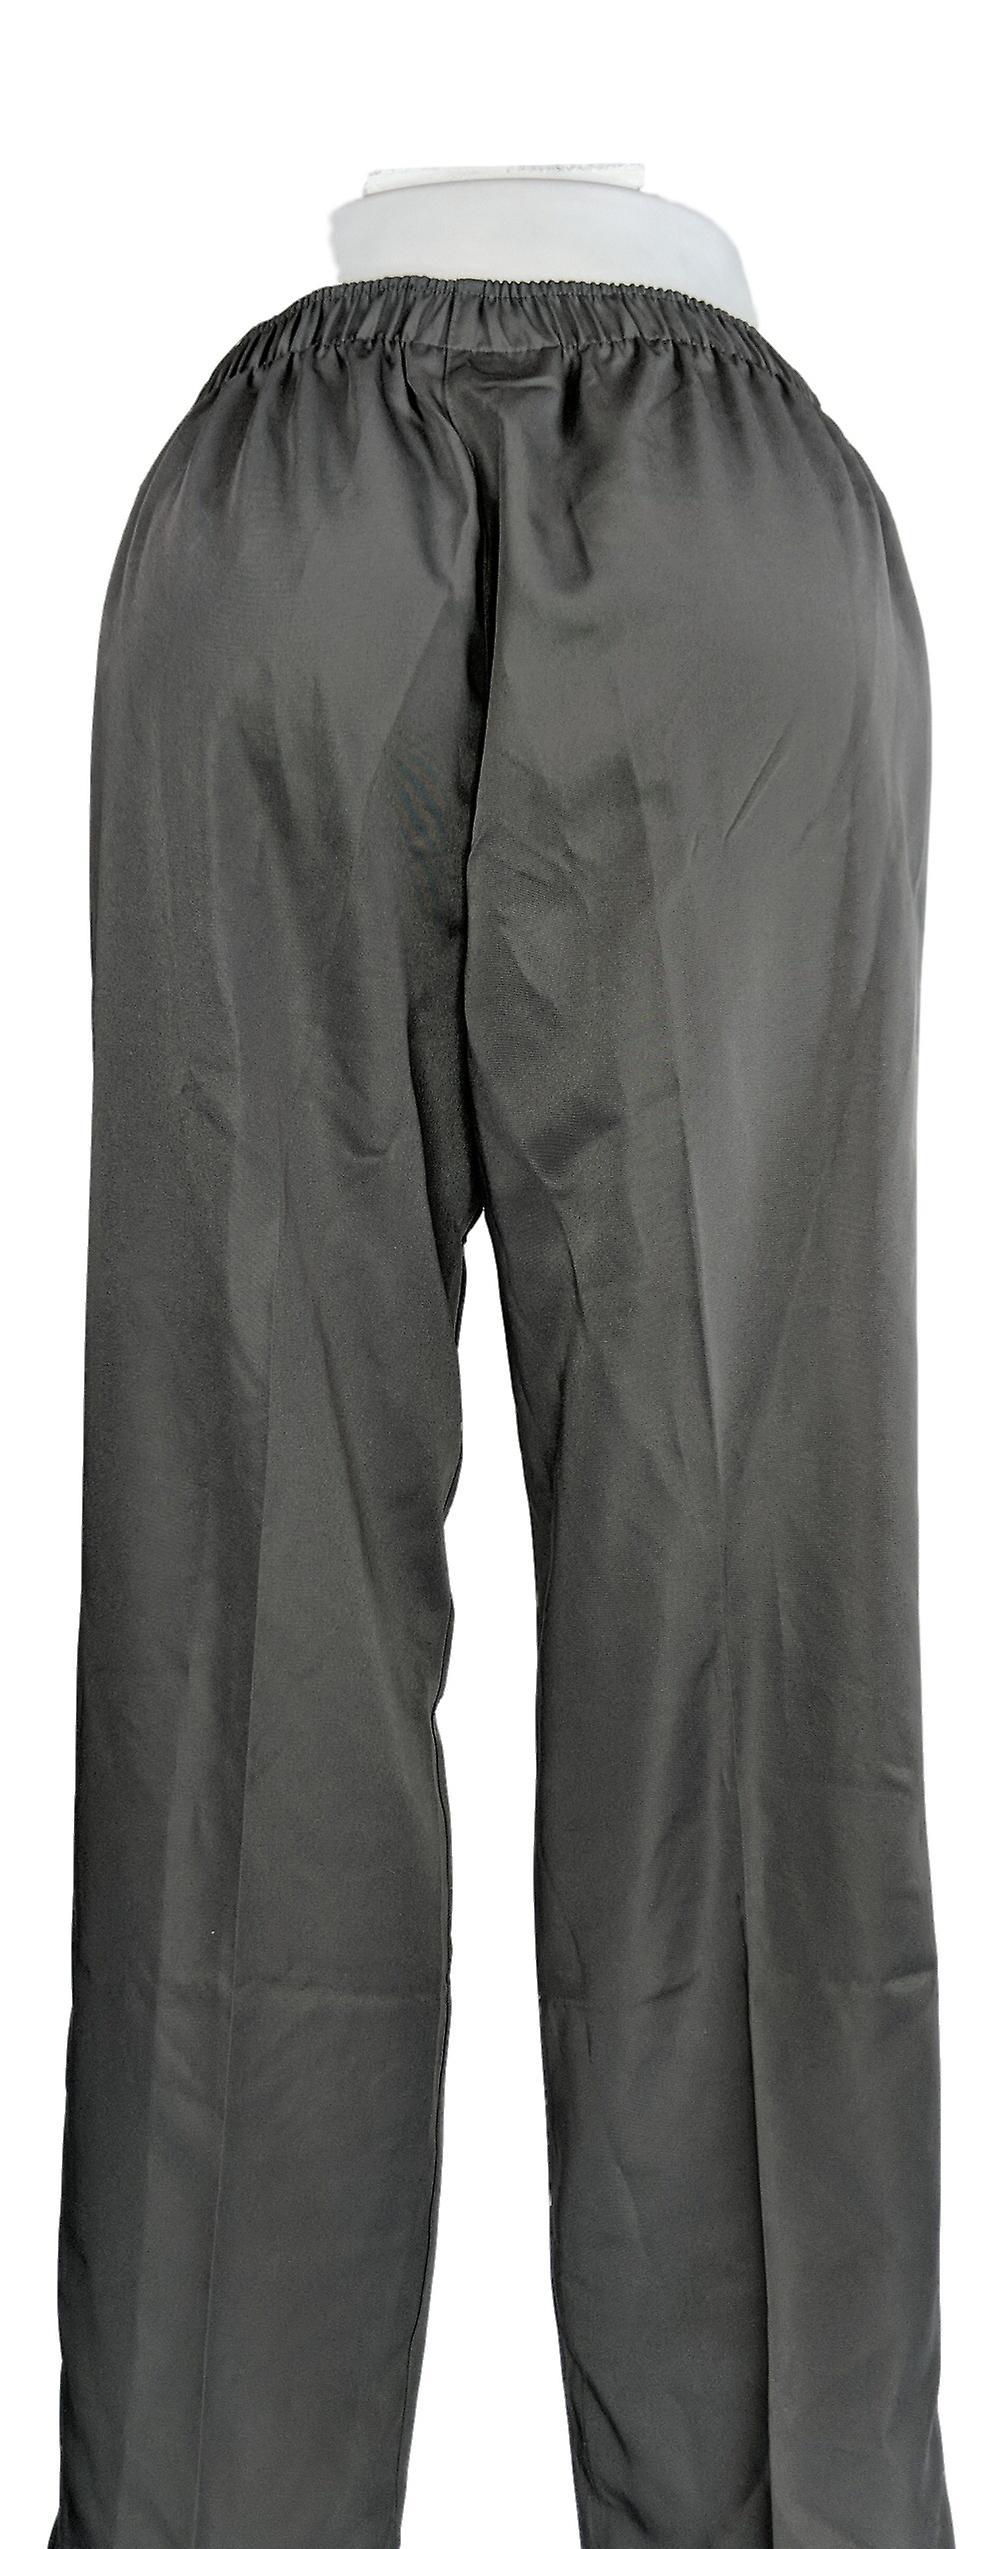 Cathy Daniels Women's Pants Side Pockets Pull-On Gray FJRKau